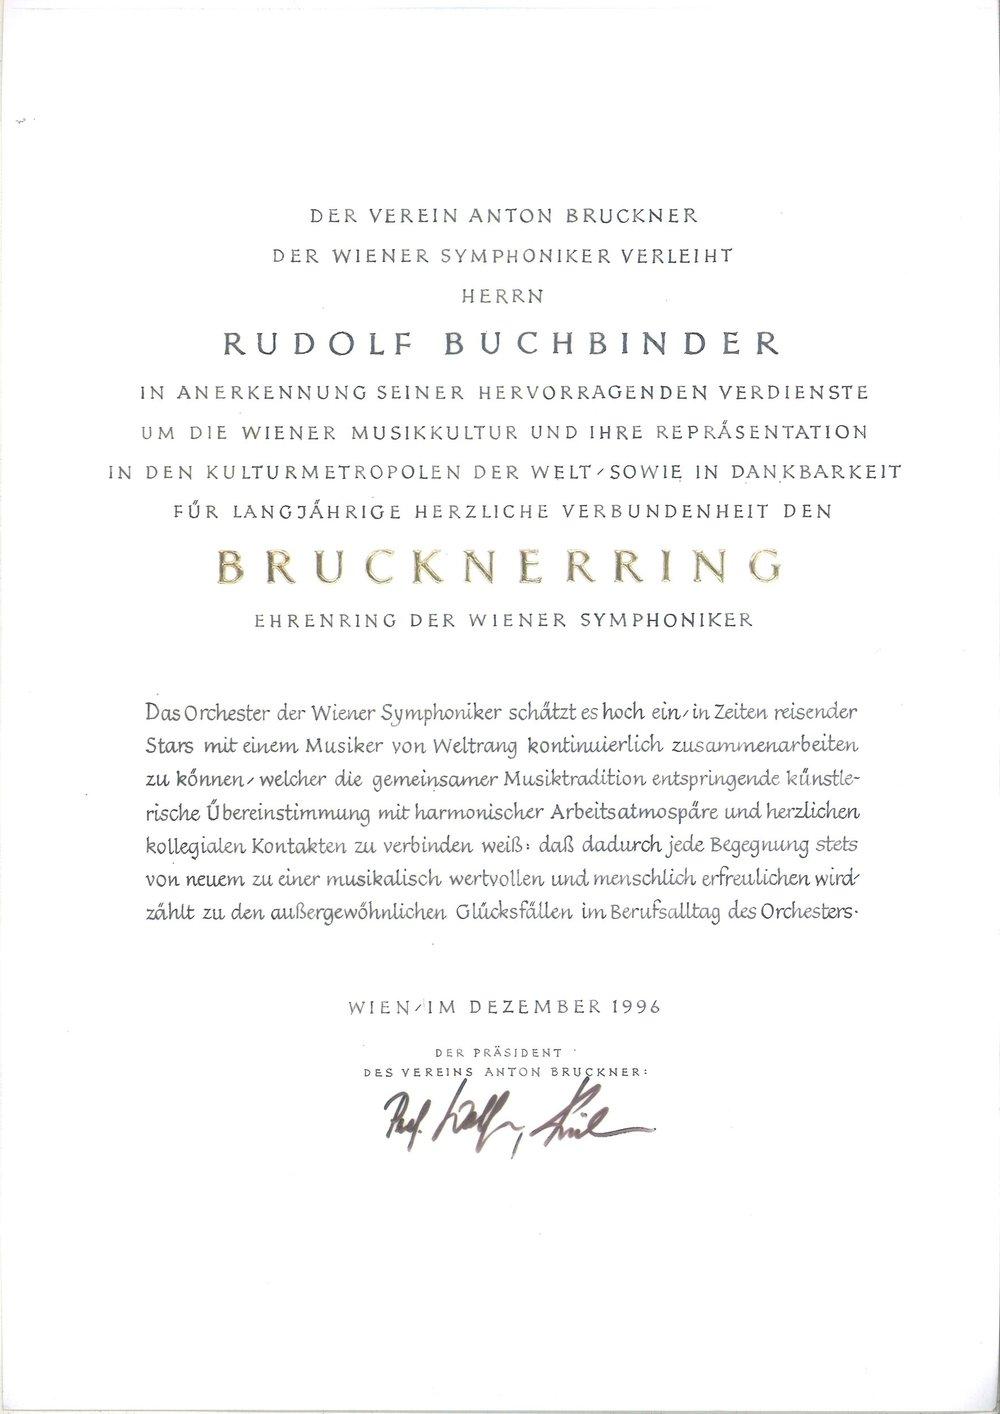 Brucknerring.jpg